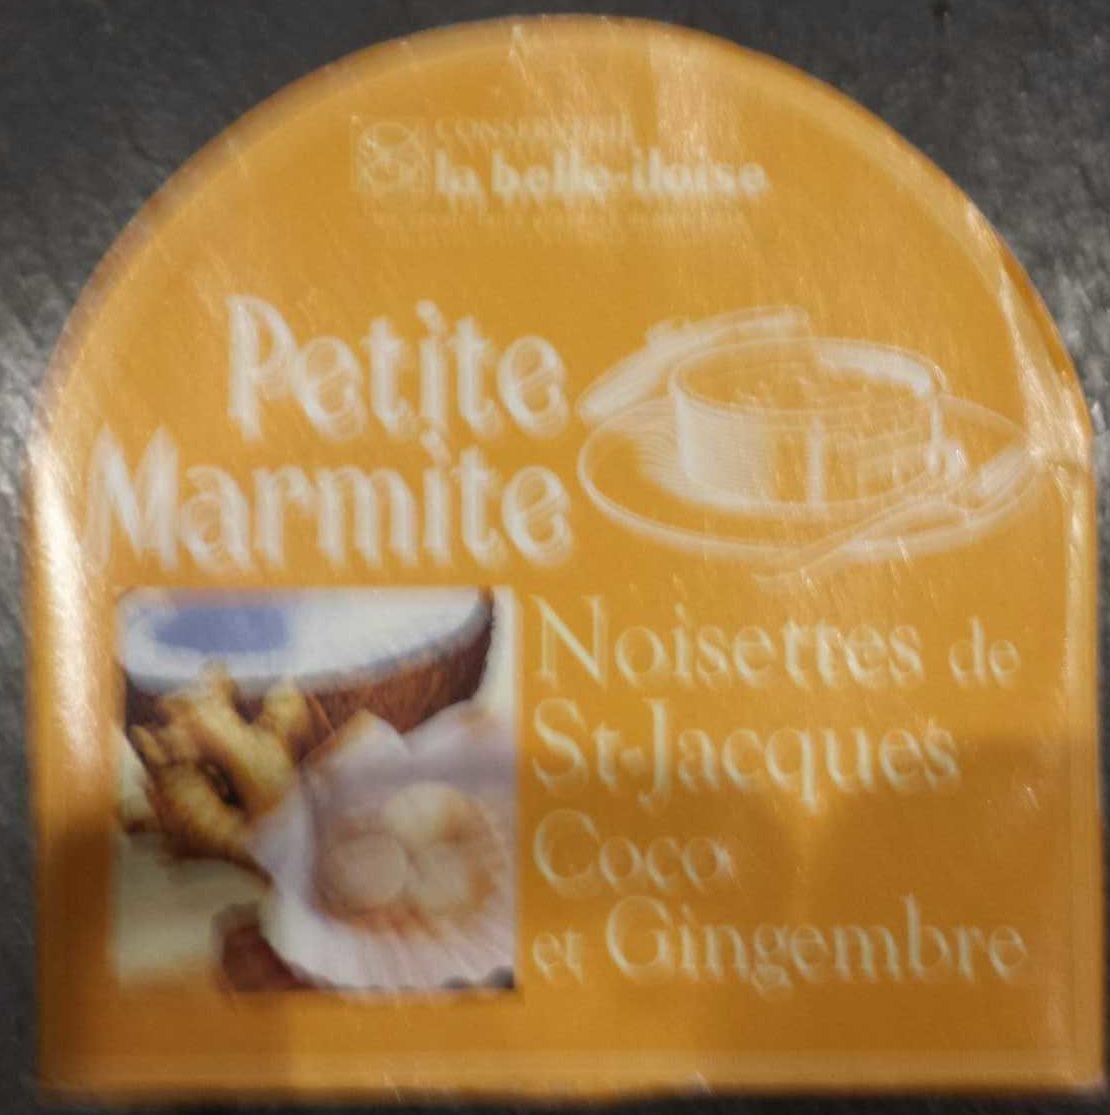 Petite marmite St-Jacques Coco et Gingembre - Product - fr